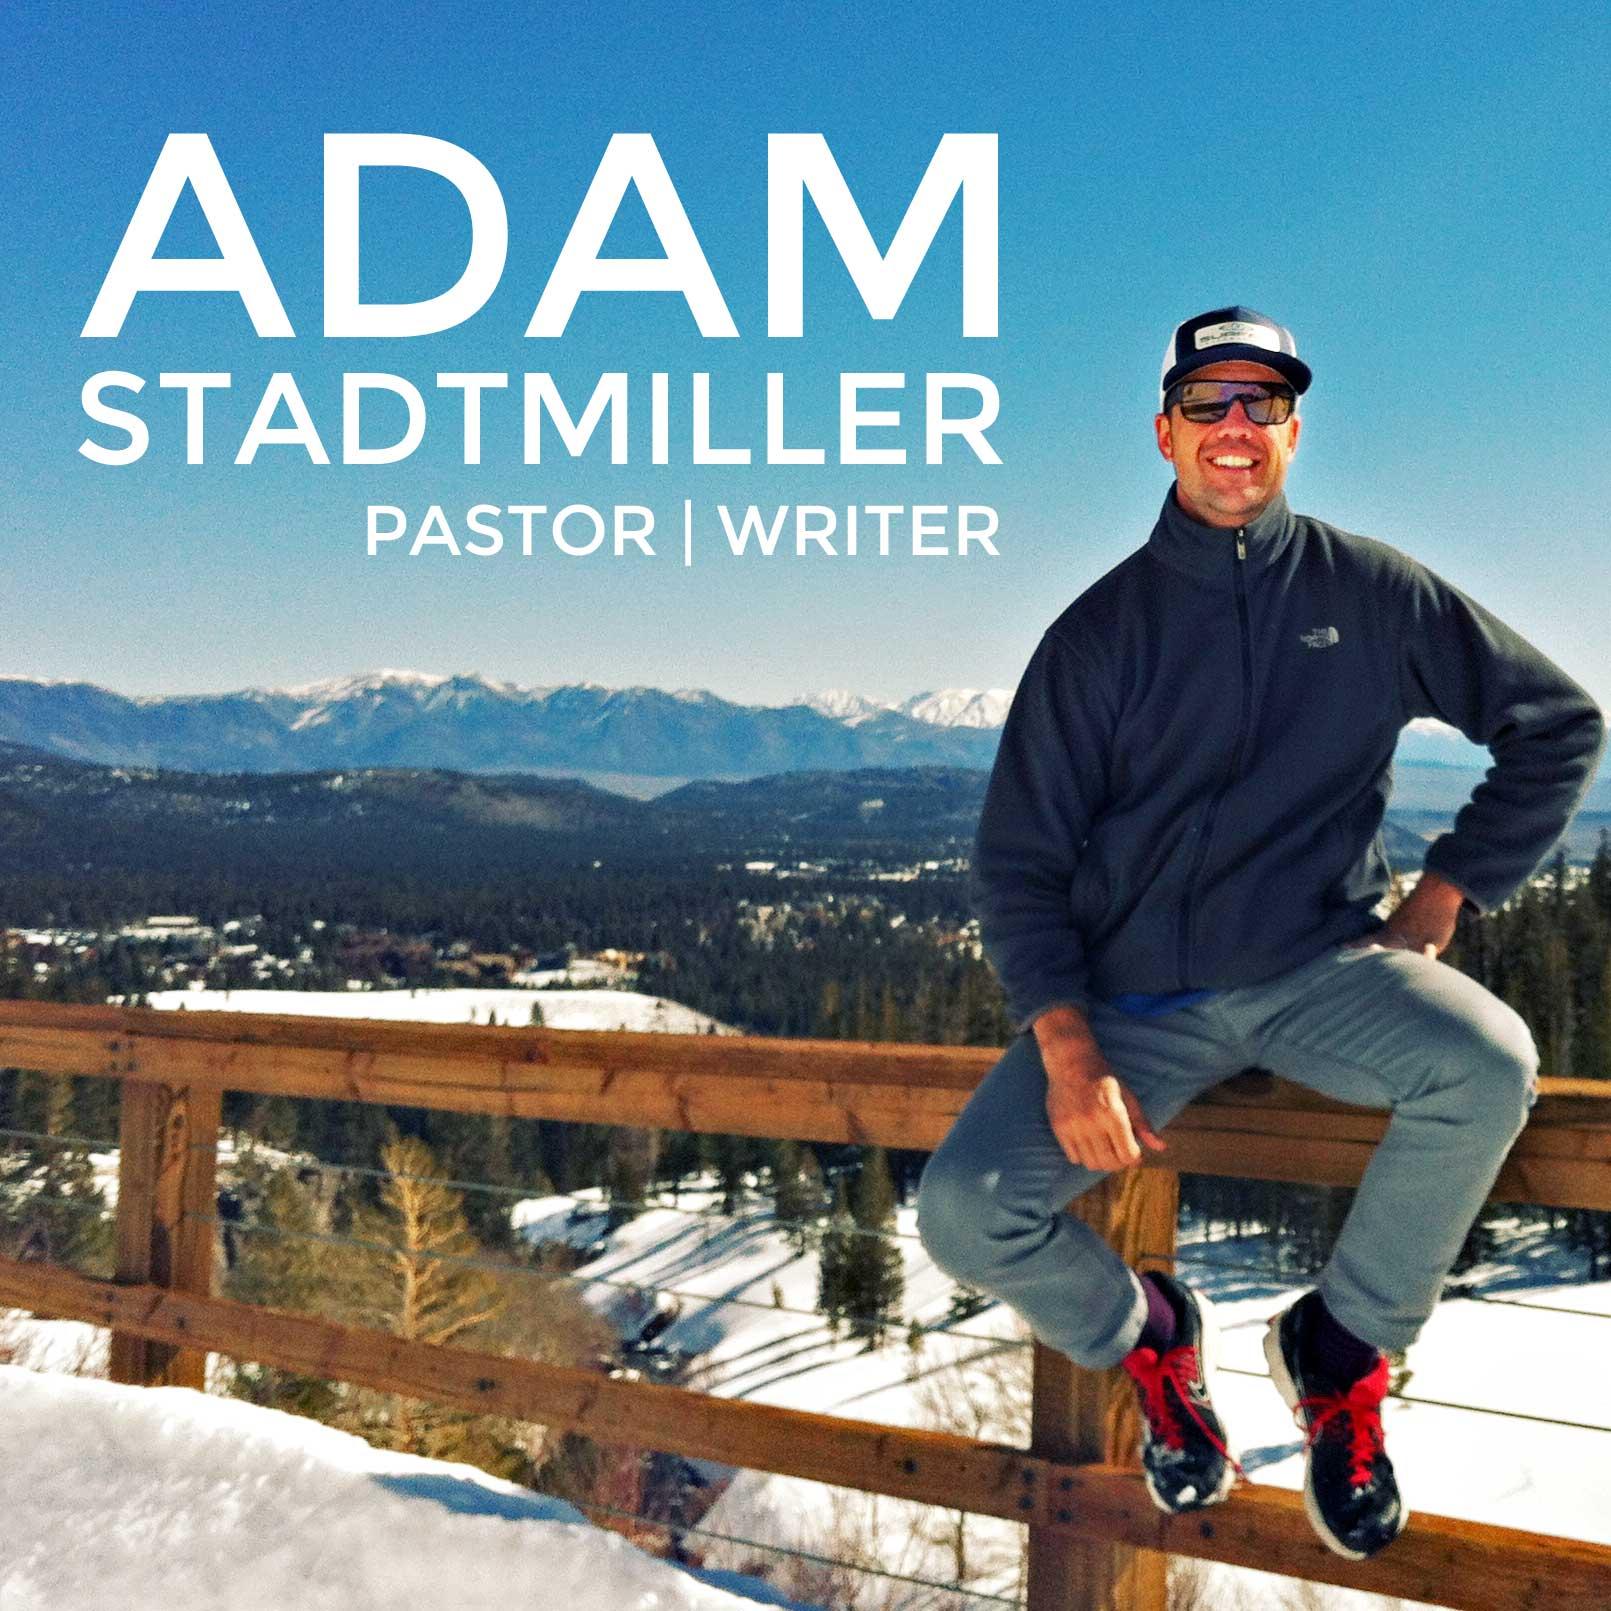 Adam Stadtmiller